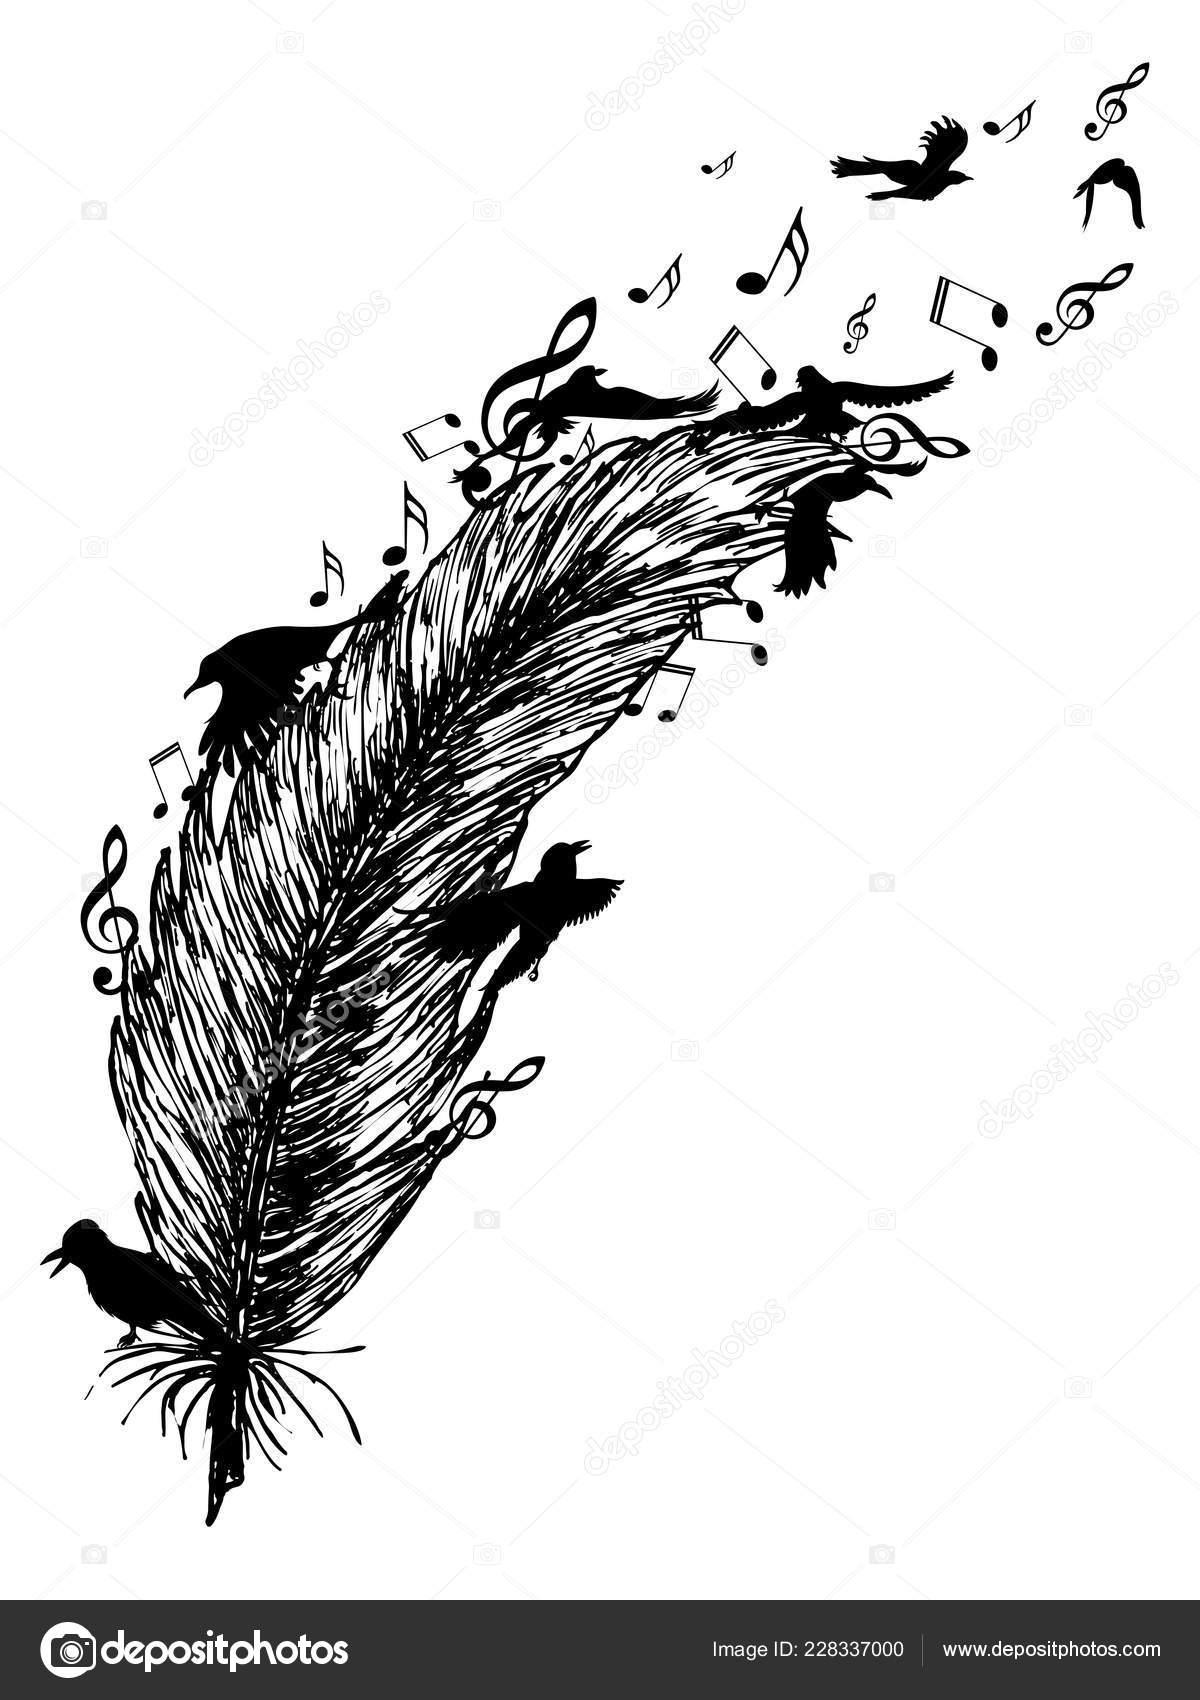 Pássaros Voando Silhueta Notas Pena Música Tatuagem Desenho